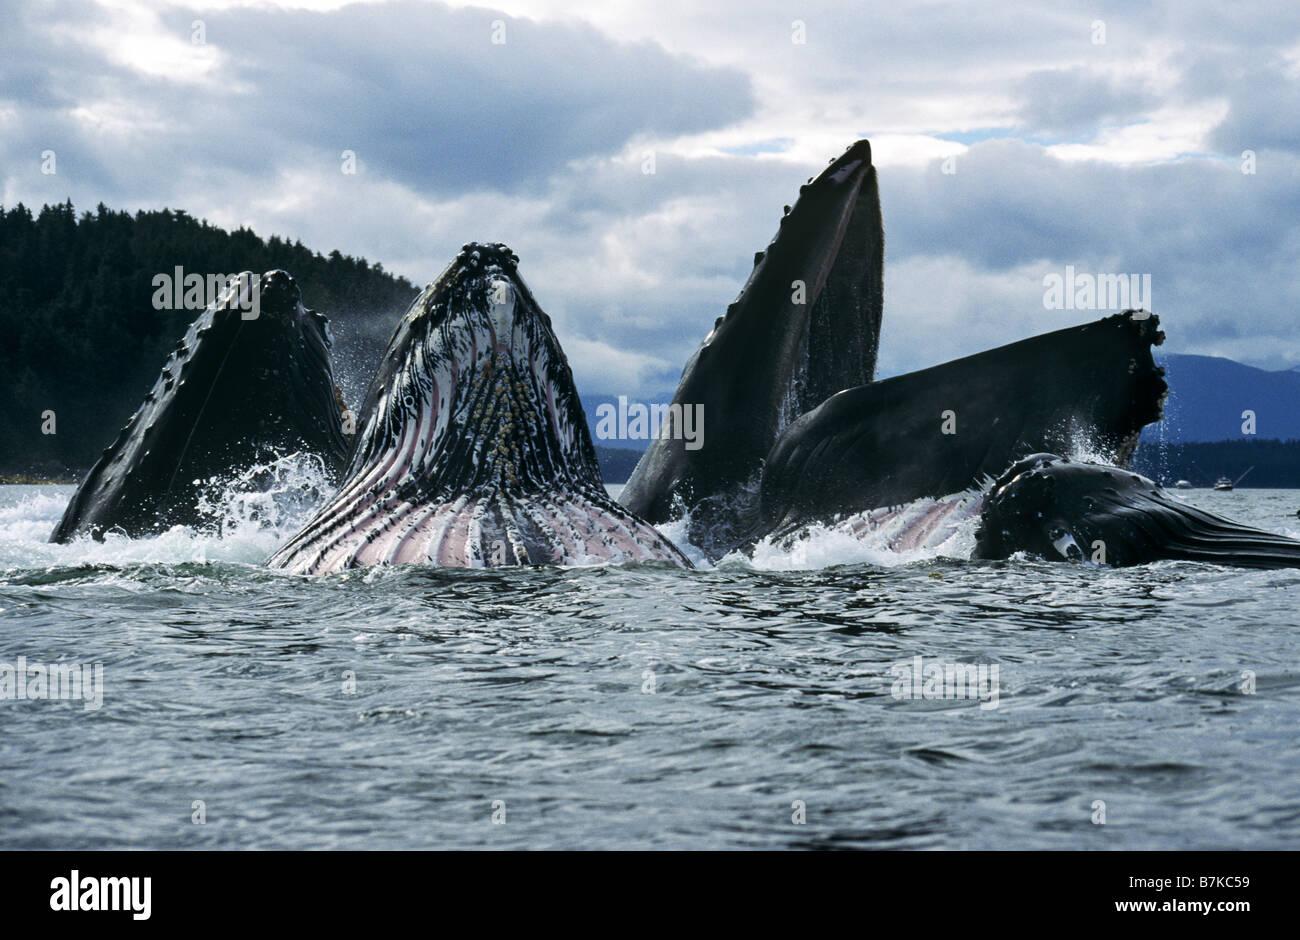 Las ballenas jorobadas alimentando, Estrecho de Chatham, al sureste. Alaska Foto de stock